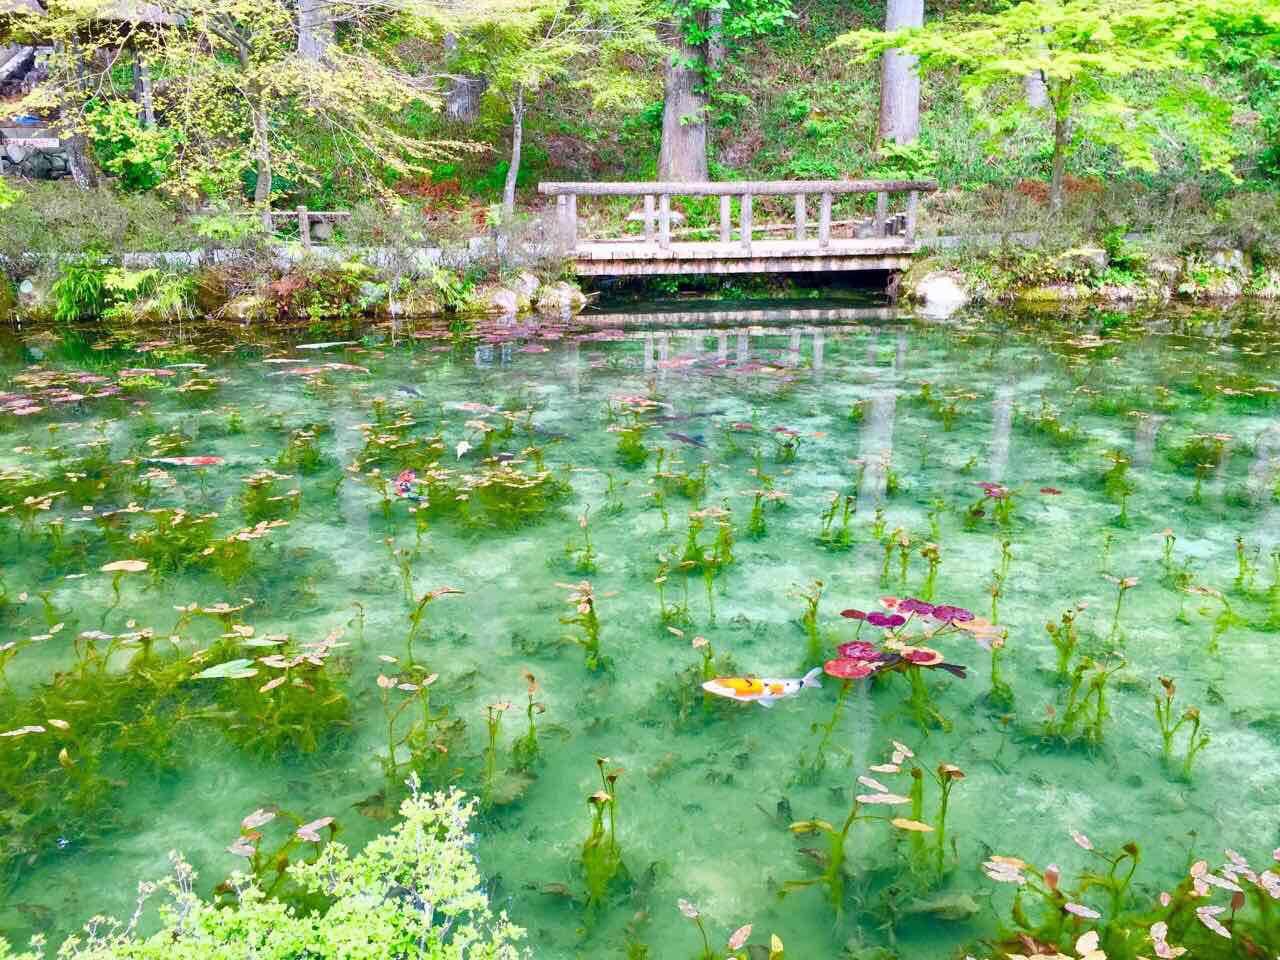 絵画みたいな池